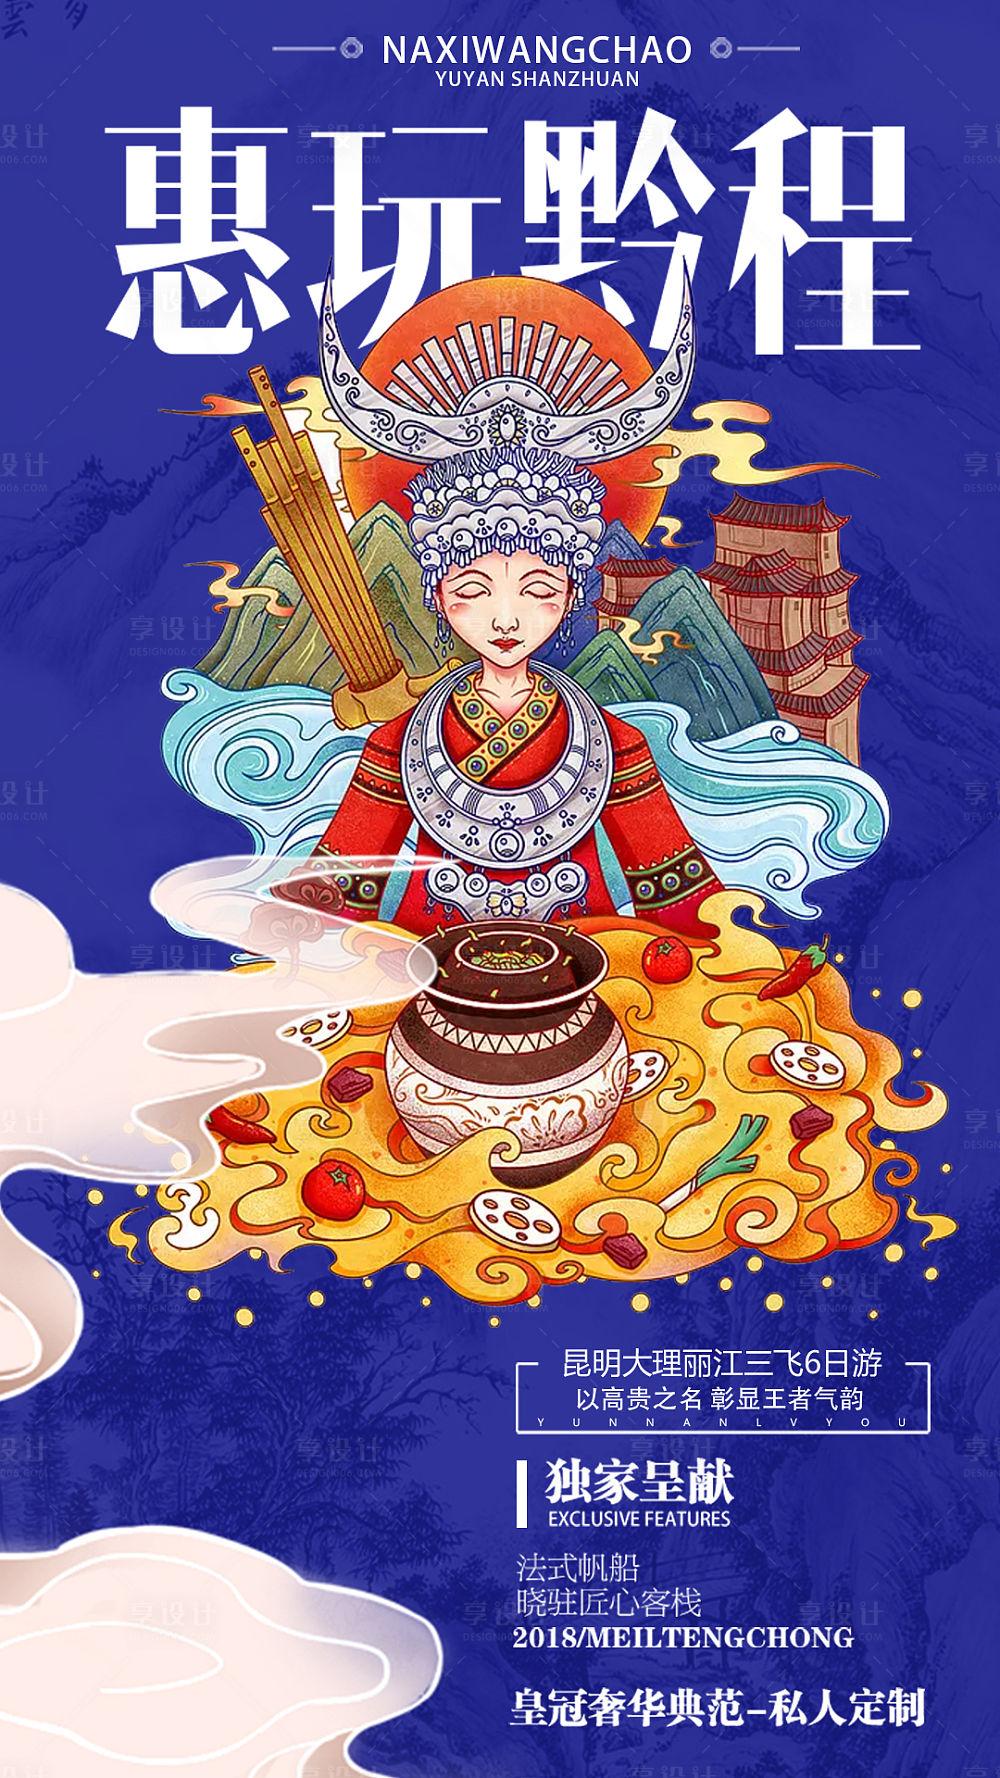 【源文件下载】 海报 贵州 旅游 插画 苗族 少数民族 国风 国潮